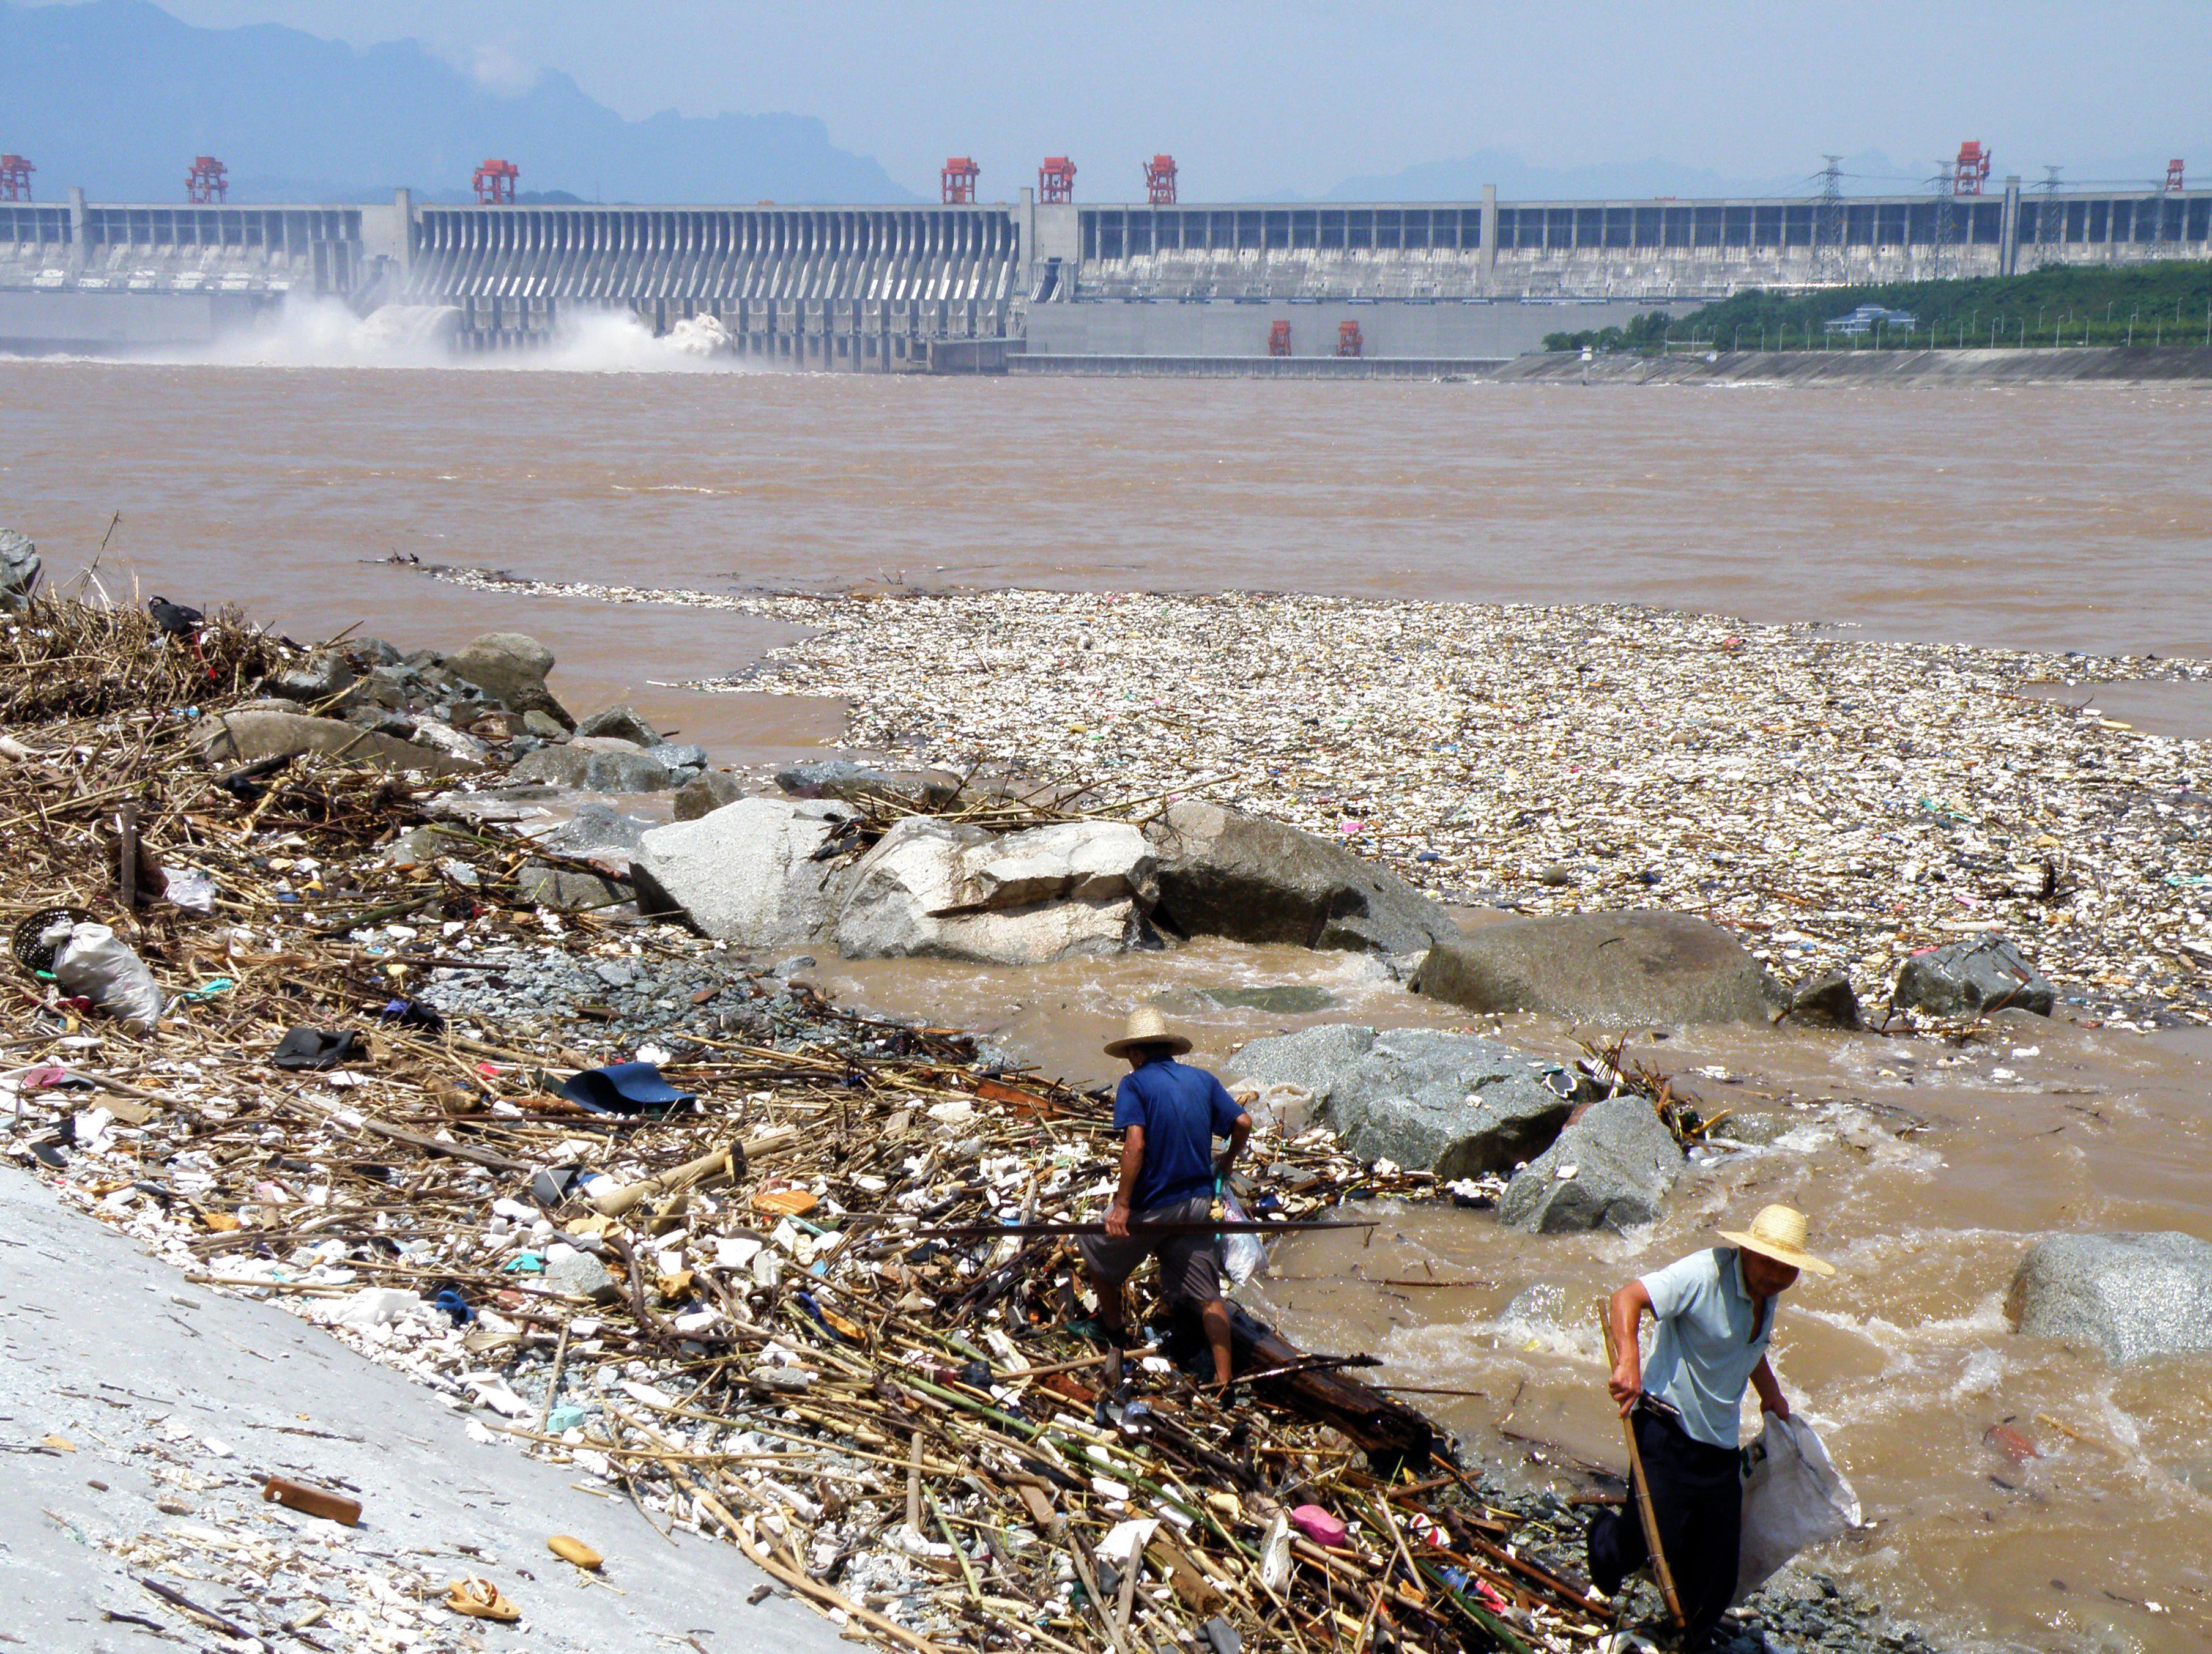 наталья экологическая ситуация в китае фото знания древних